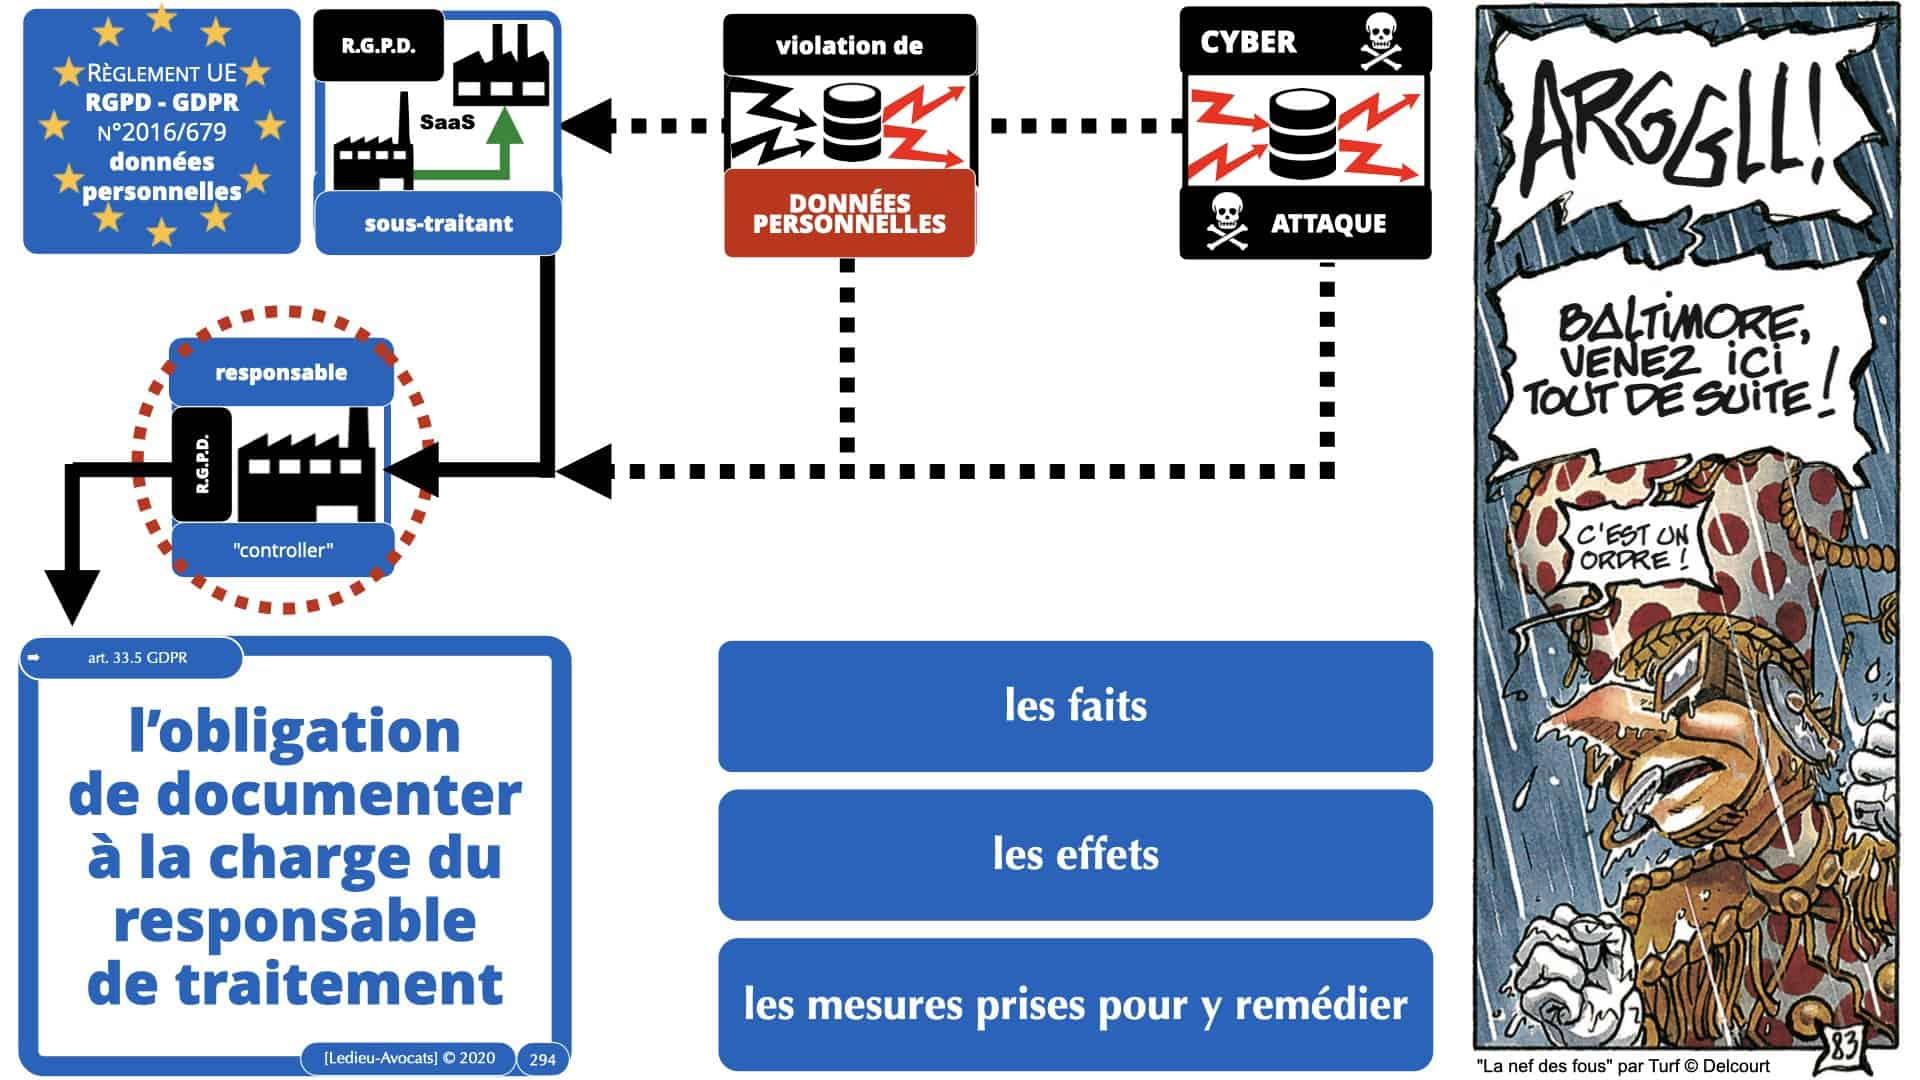 RGPD e-Privacy données personnelles jurisprudence formation Lamy Les Echos 10-02-2021 ©Ledieu-Avocats.294